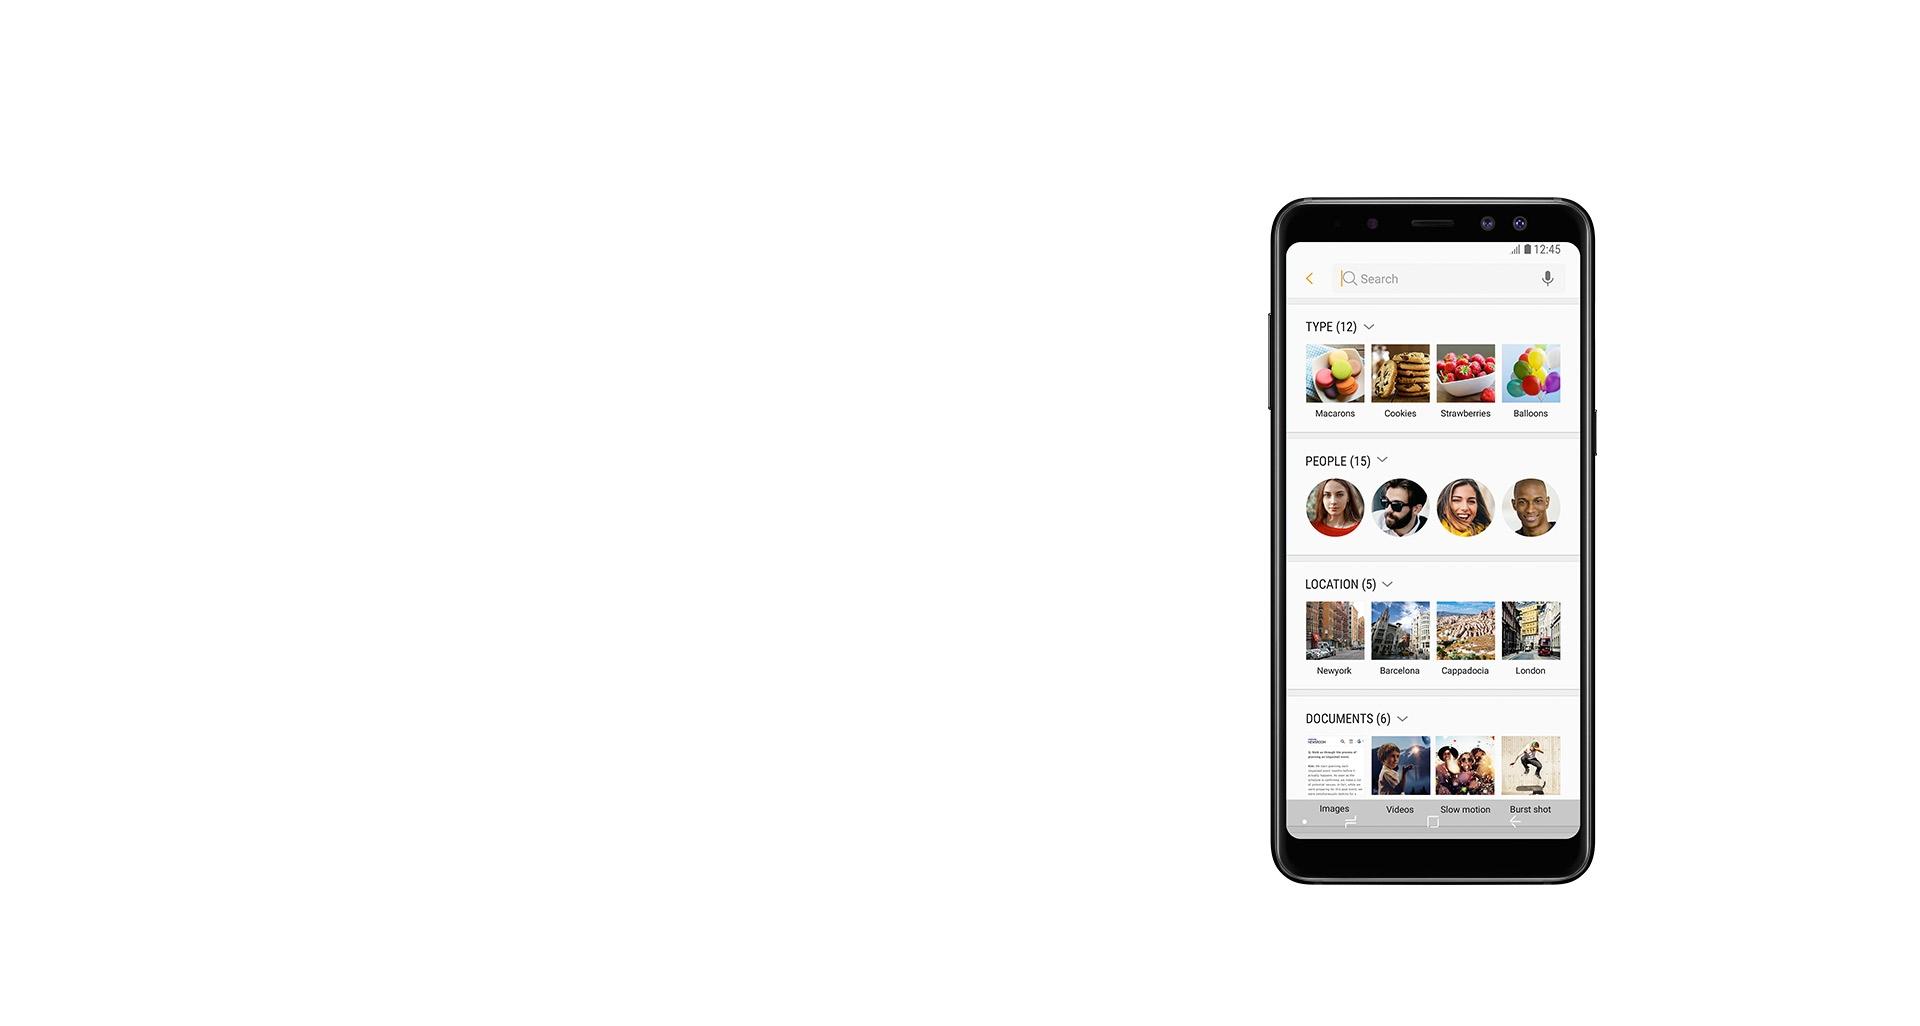 گوشی گلکسی ای 8 پلاس با یک راه هوشمند برای جستجو در آلبوم عکس